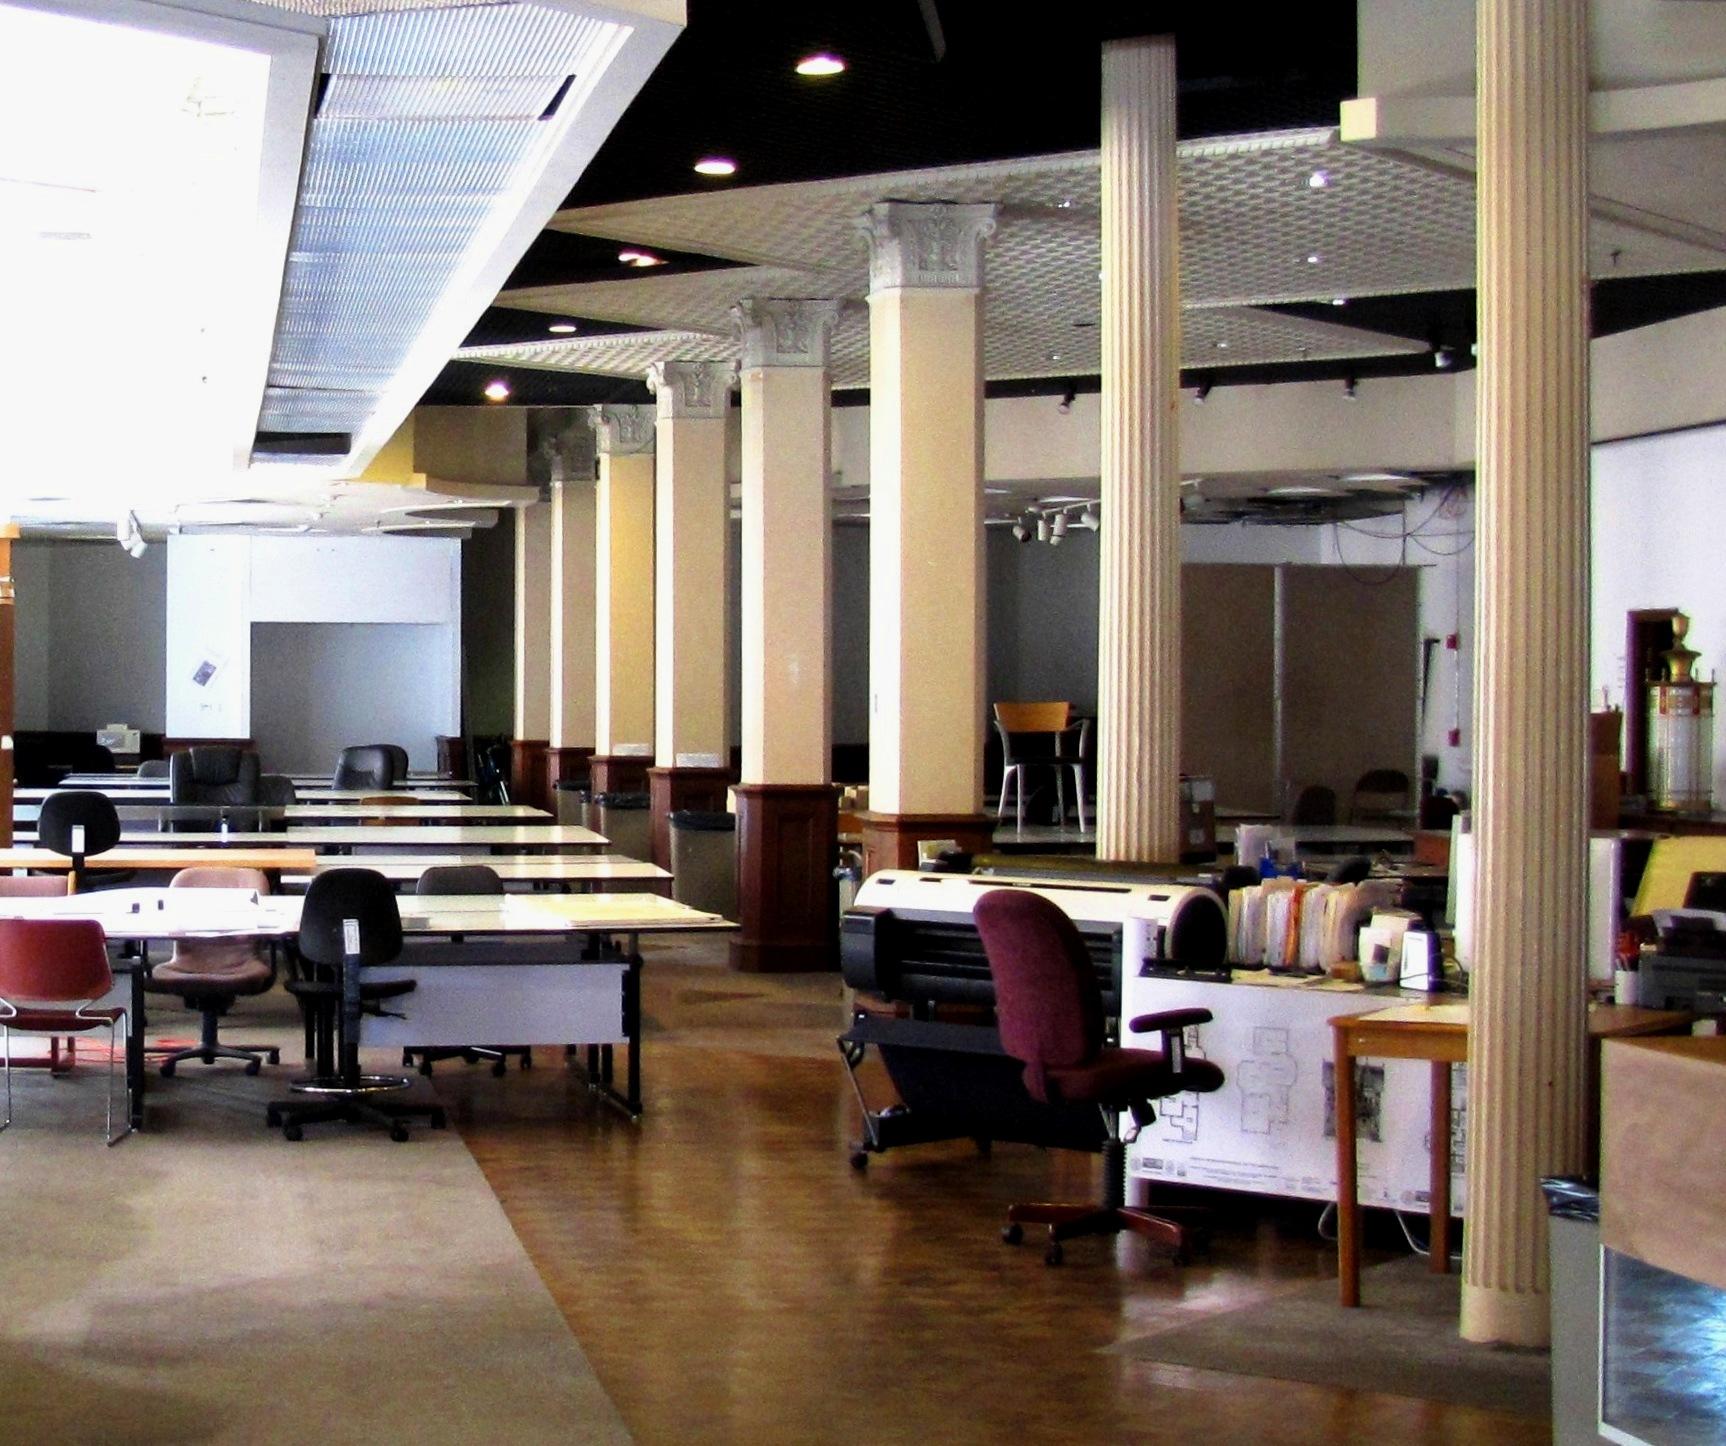 Commercial Interior Design Furniture